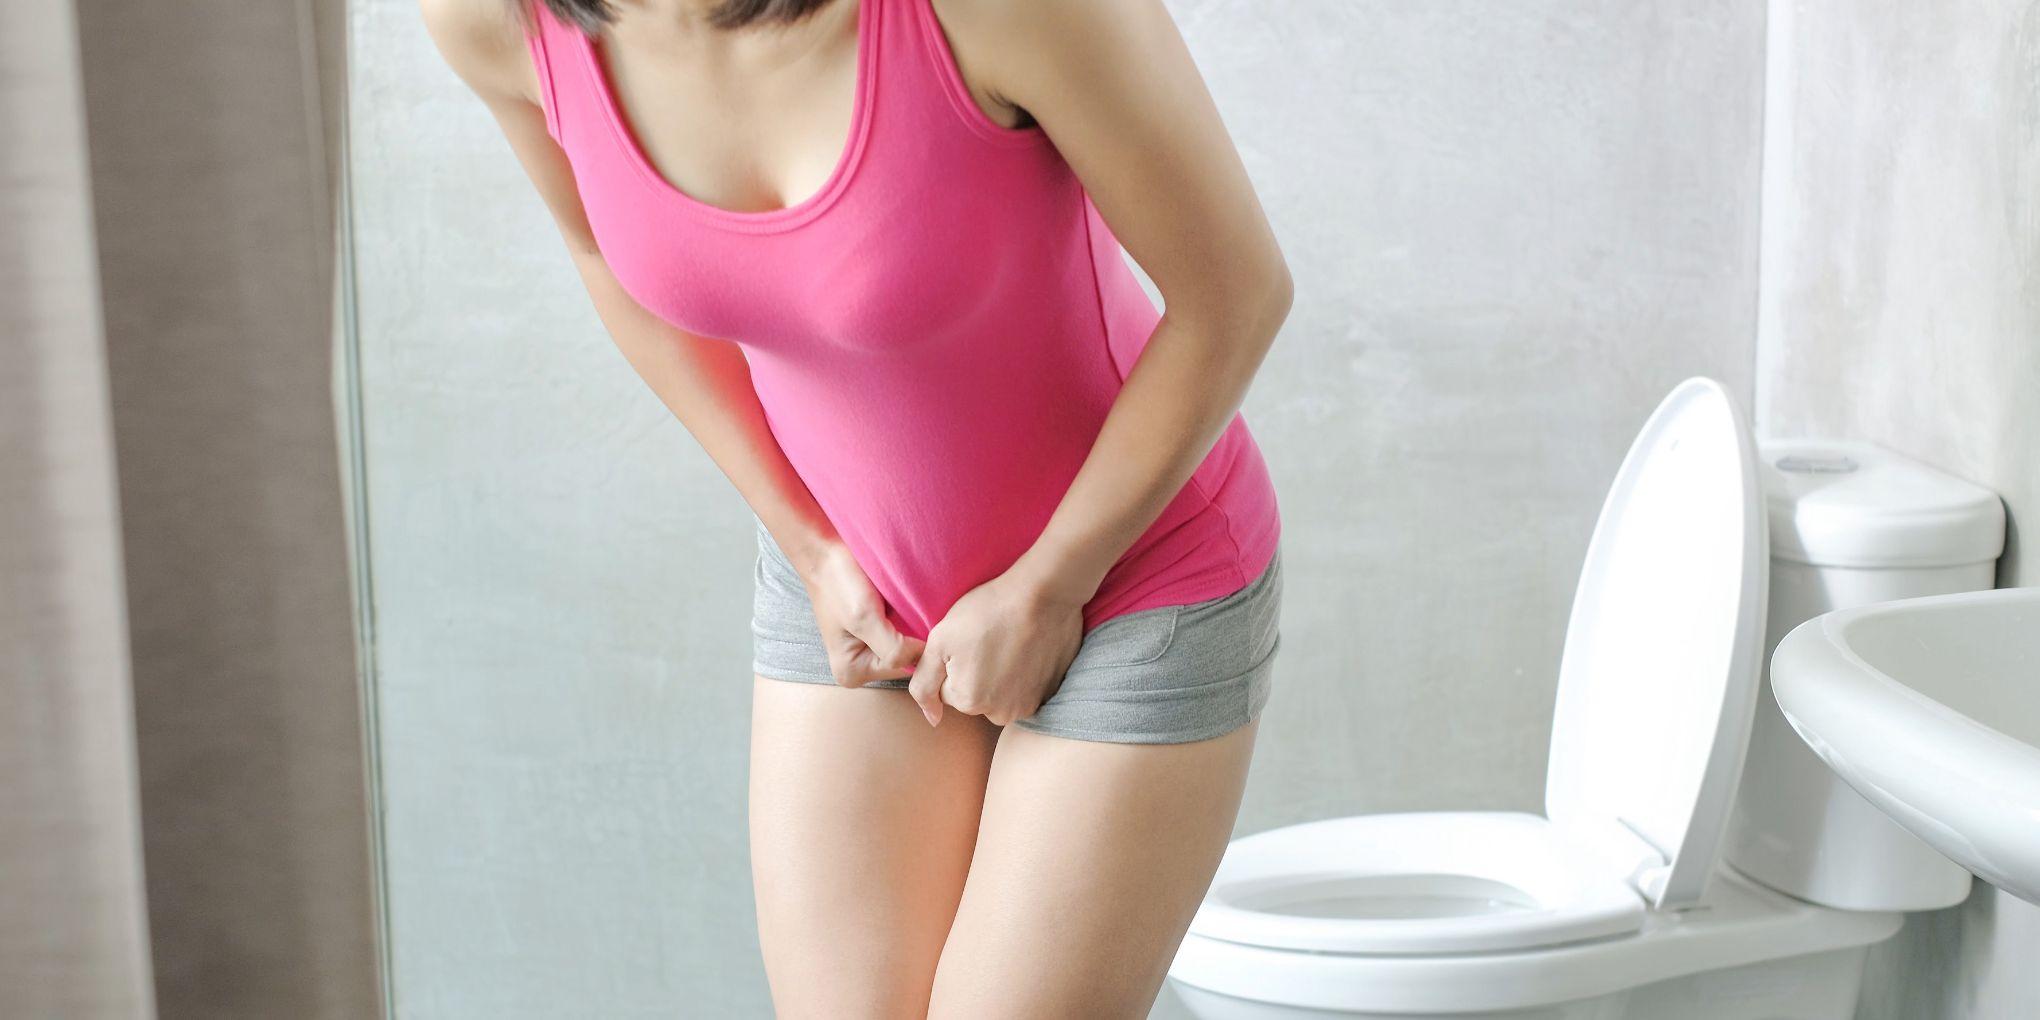 NOĆNI ODLAZAK NA TOALET može ukazivati na poveće zdravstvene probleme